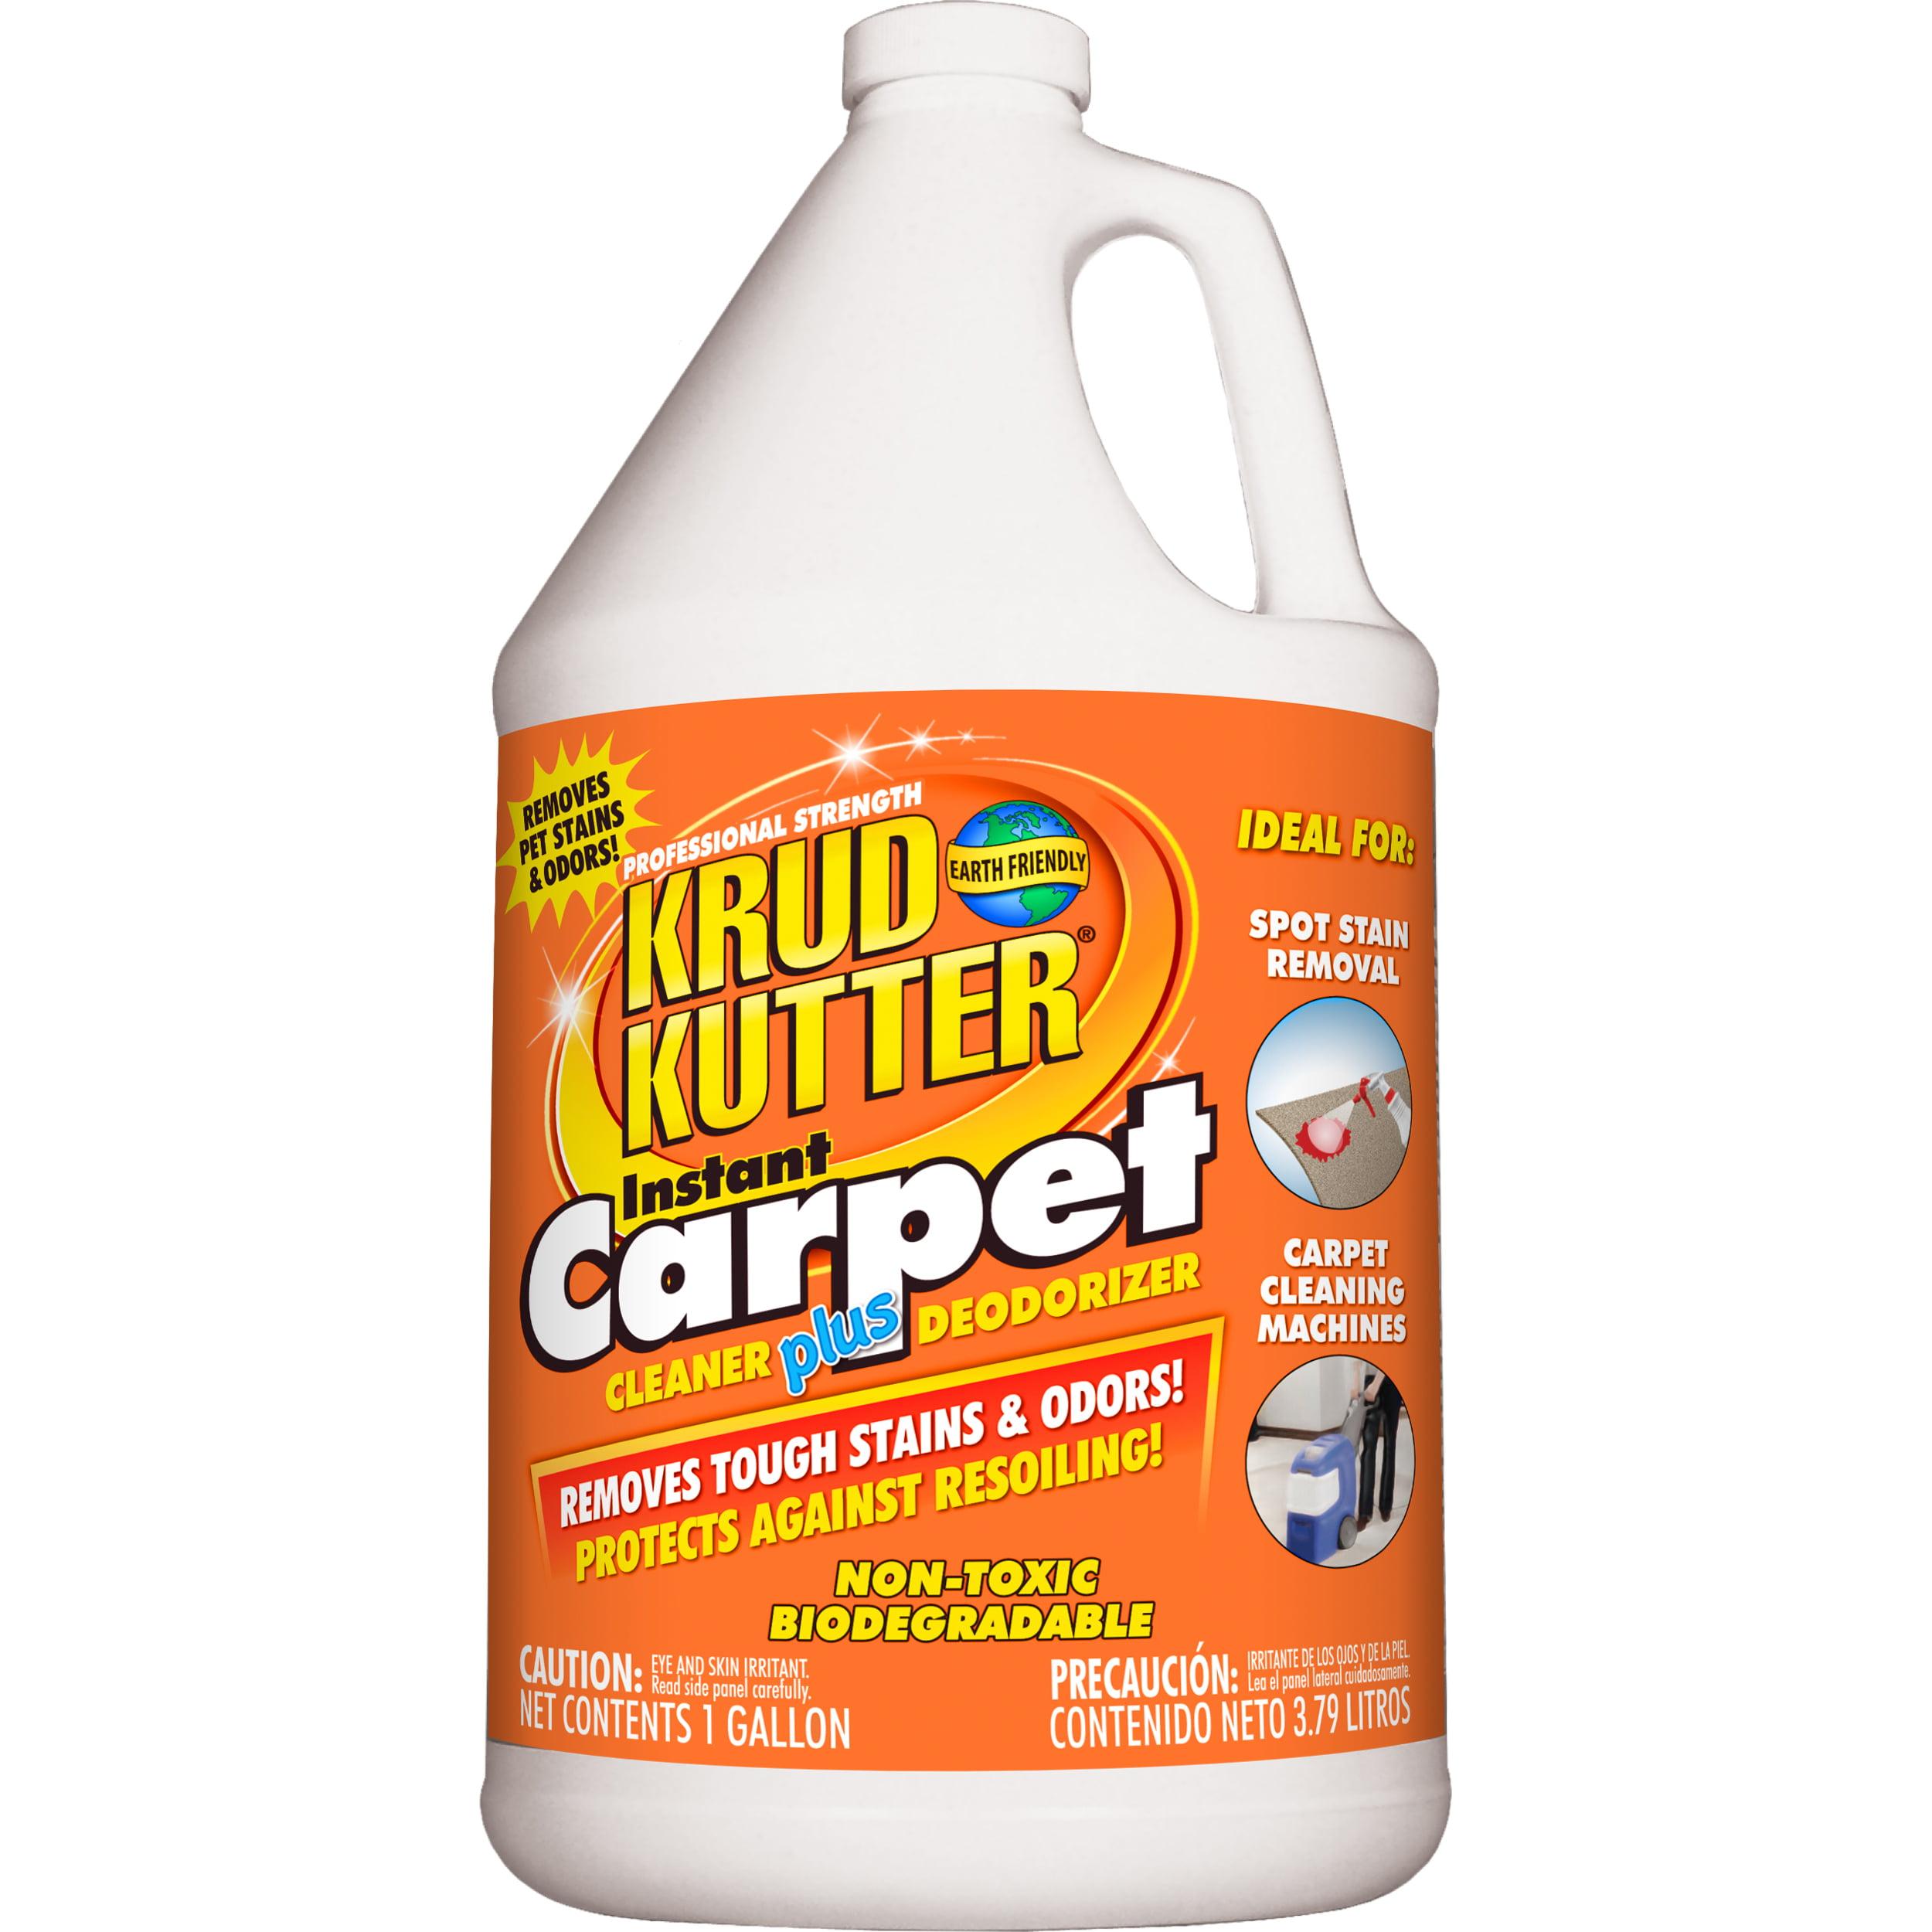 Krud Kutter Carpet Cleaner